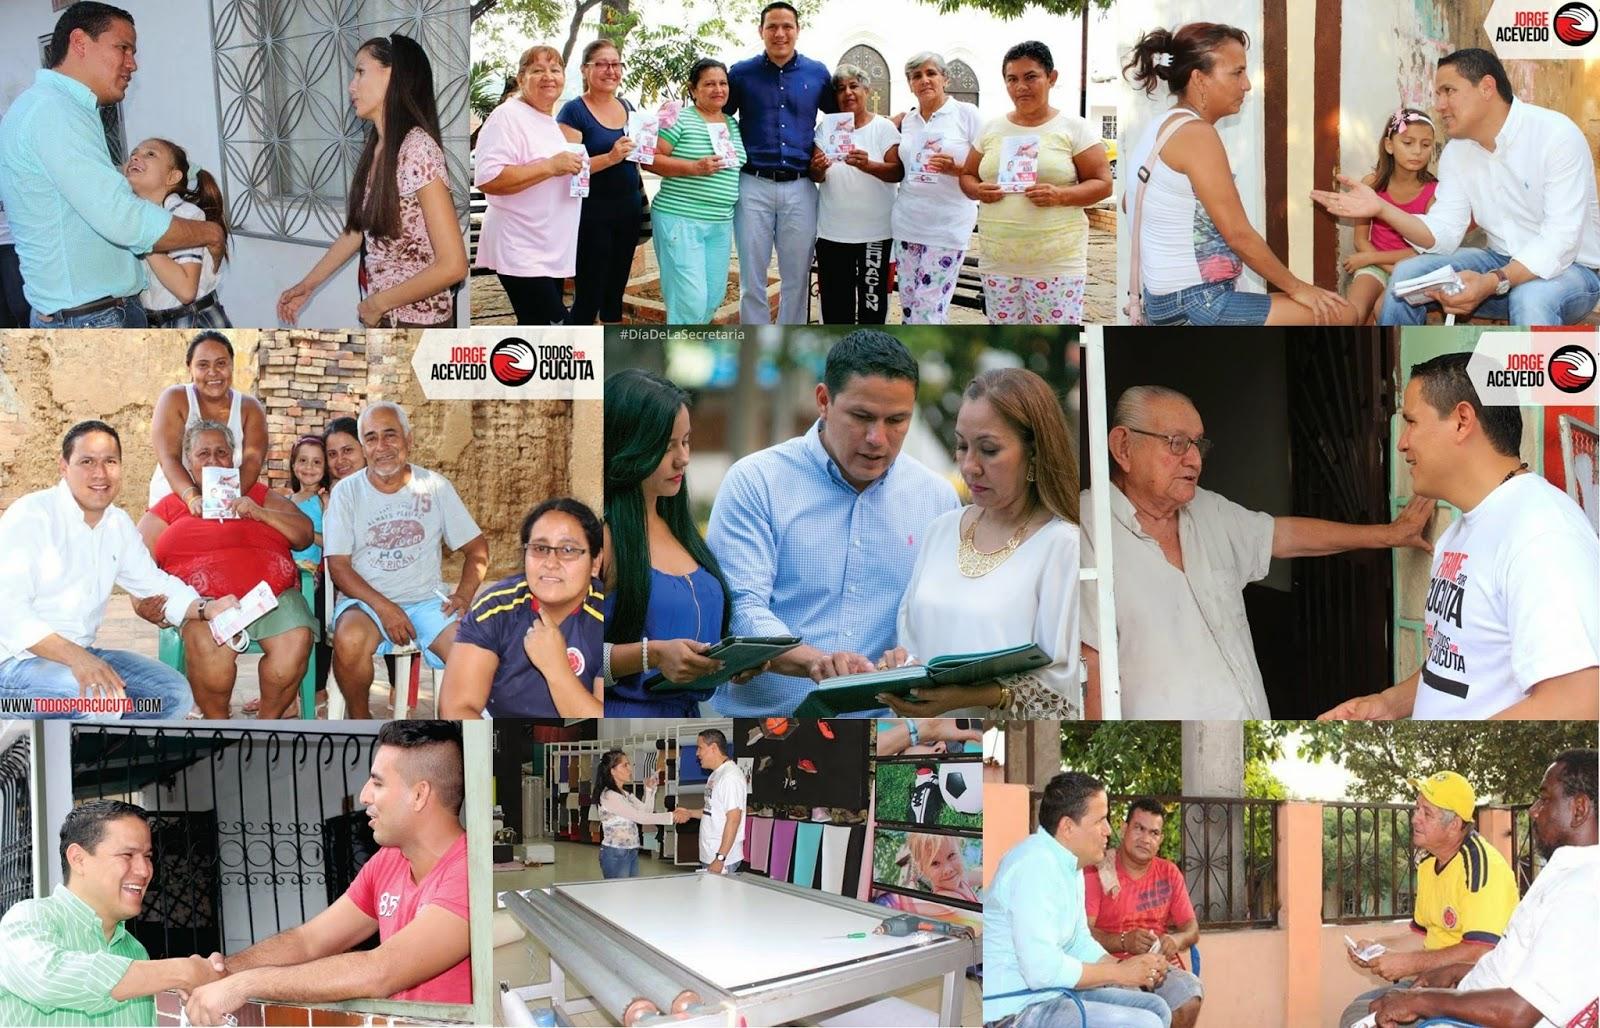 Seguidores de Jorge Acevedo quieren una #Cúcuta más segura, productiva y sin politiquería